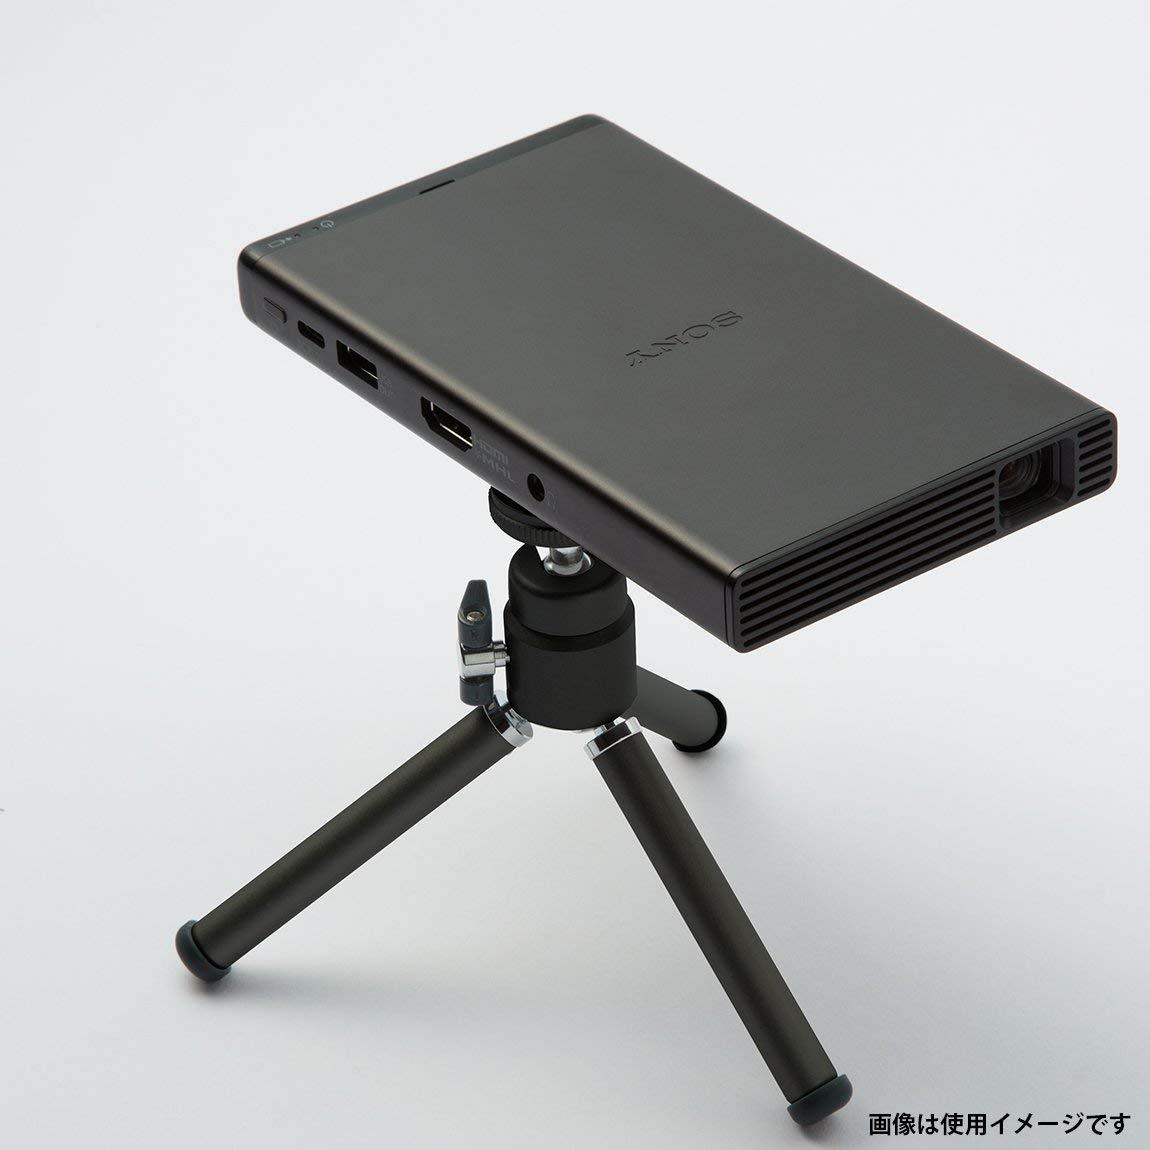 ソニー SONY モバイルプロジェクター USB給電機能搭載 MP-CD1